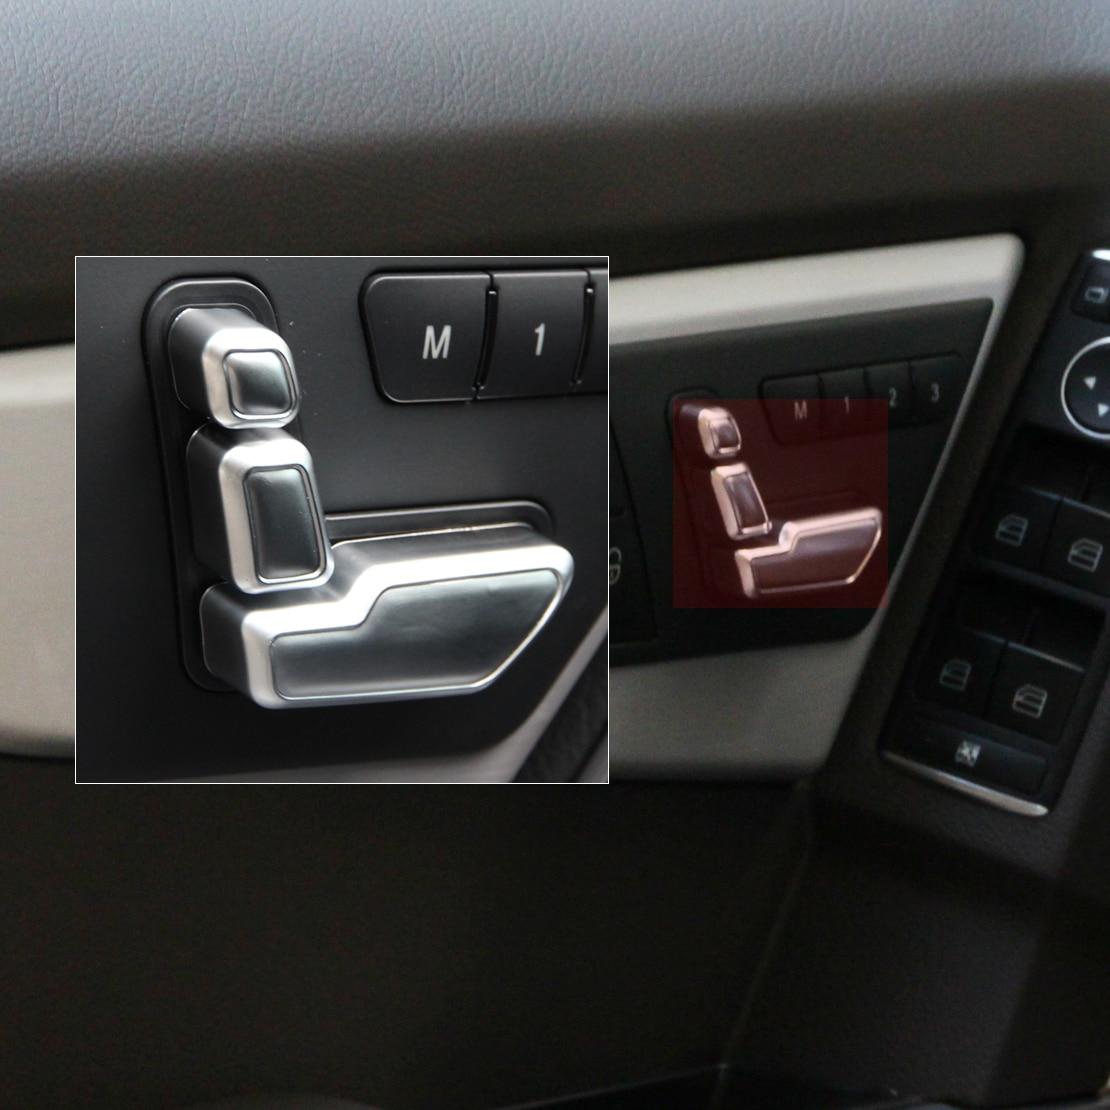 Mercedes Benz B C E ML CLA GLK GL Sinifi W166 W204 W246 W117 - Avtomobil daxili aksesuarları - Fotoqrafiya 3